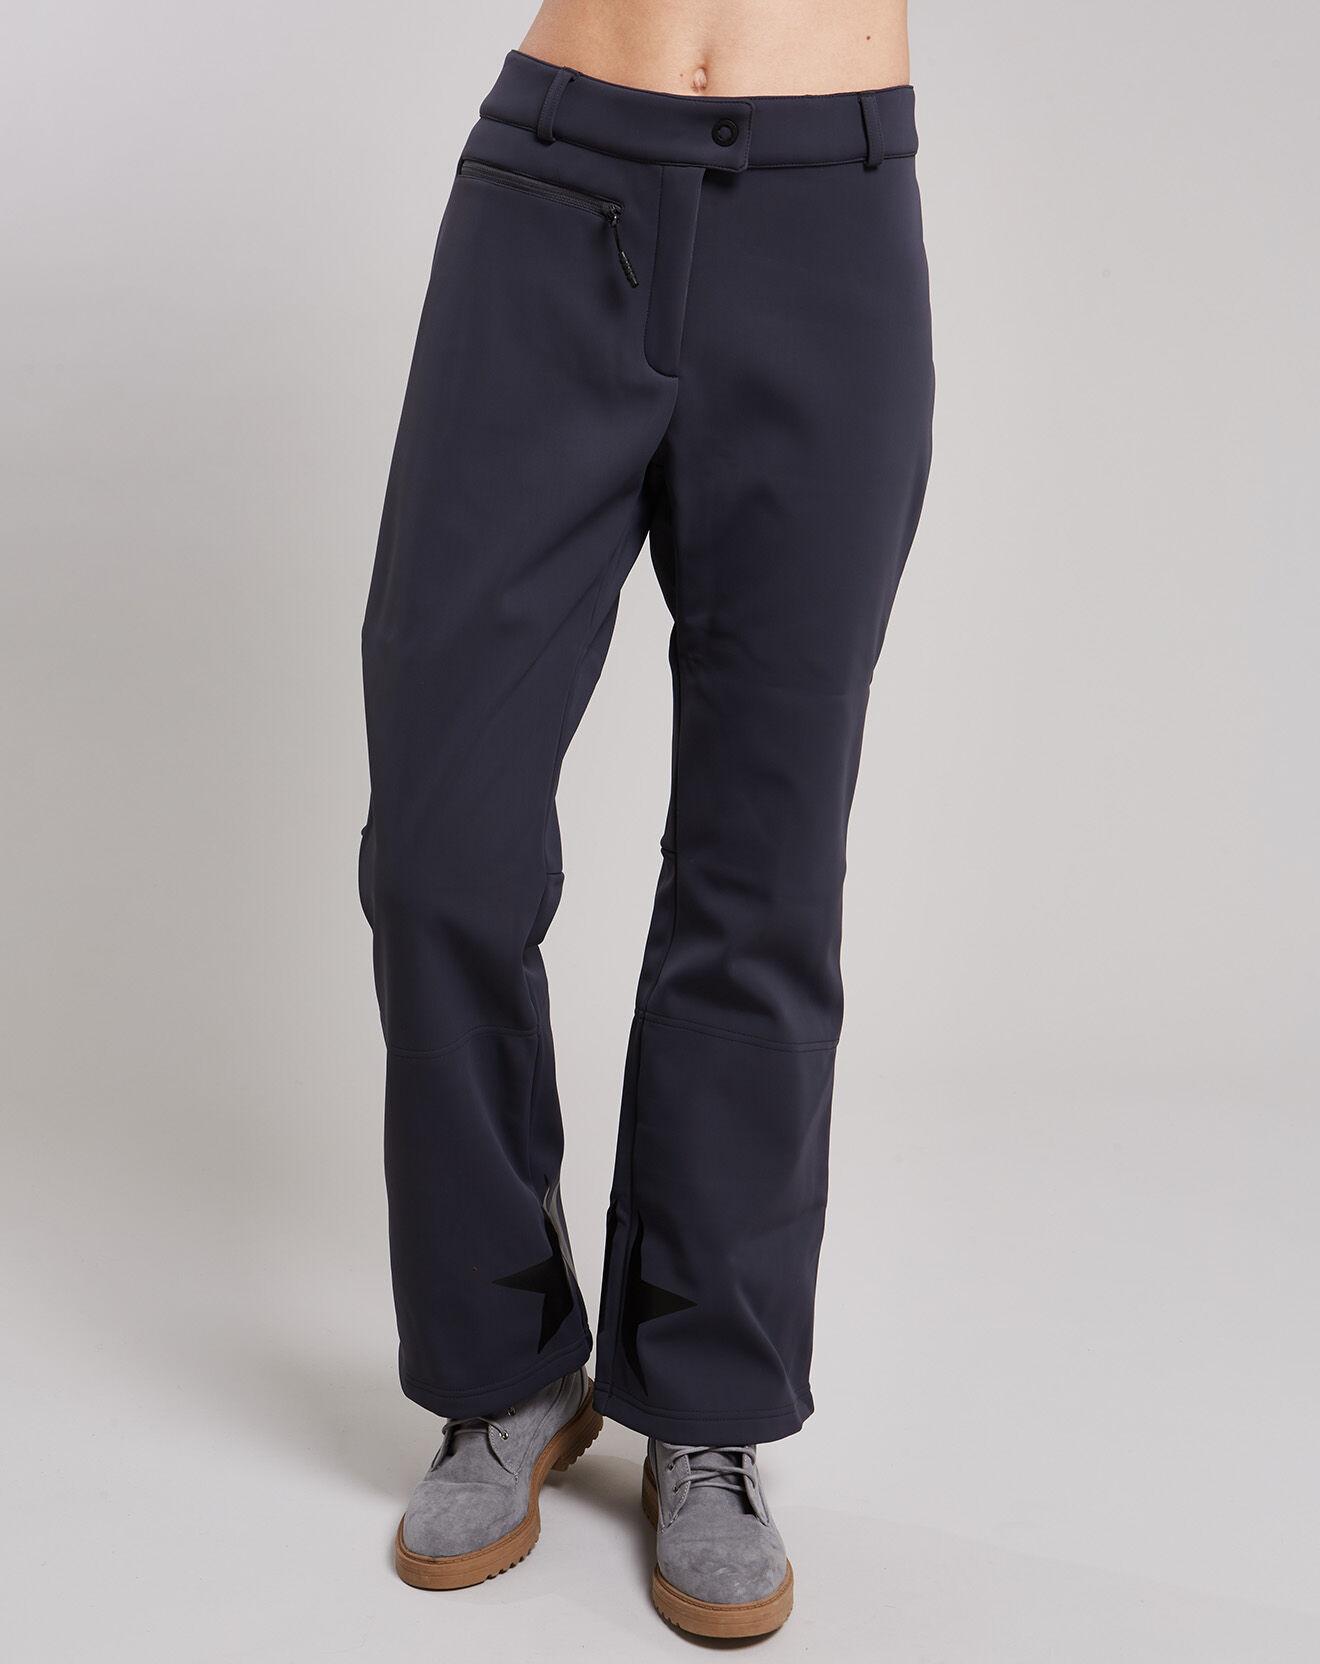 Rossignol Pantalon de ski Diamond Softshell gris foncé